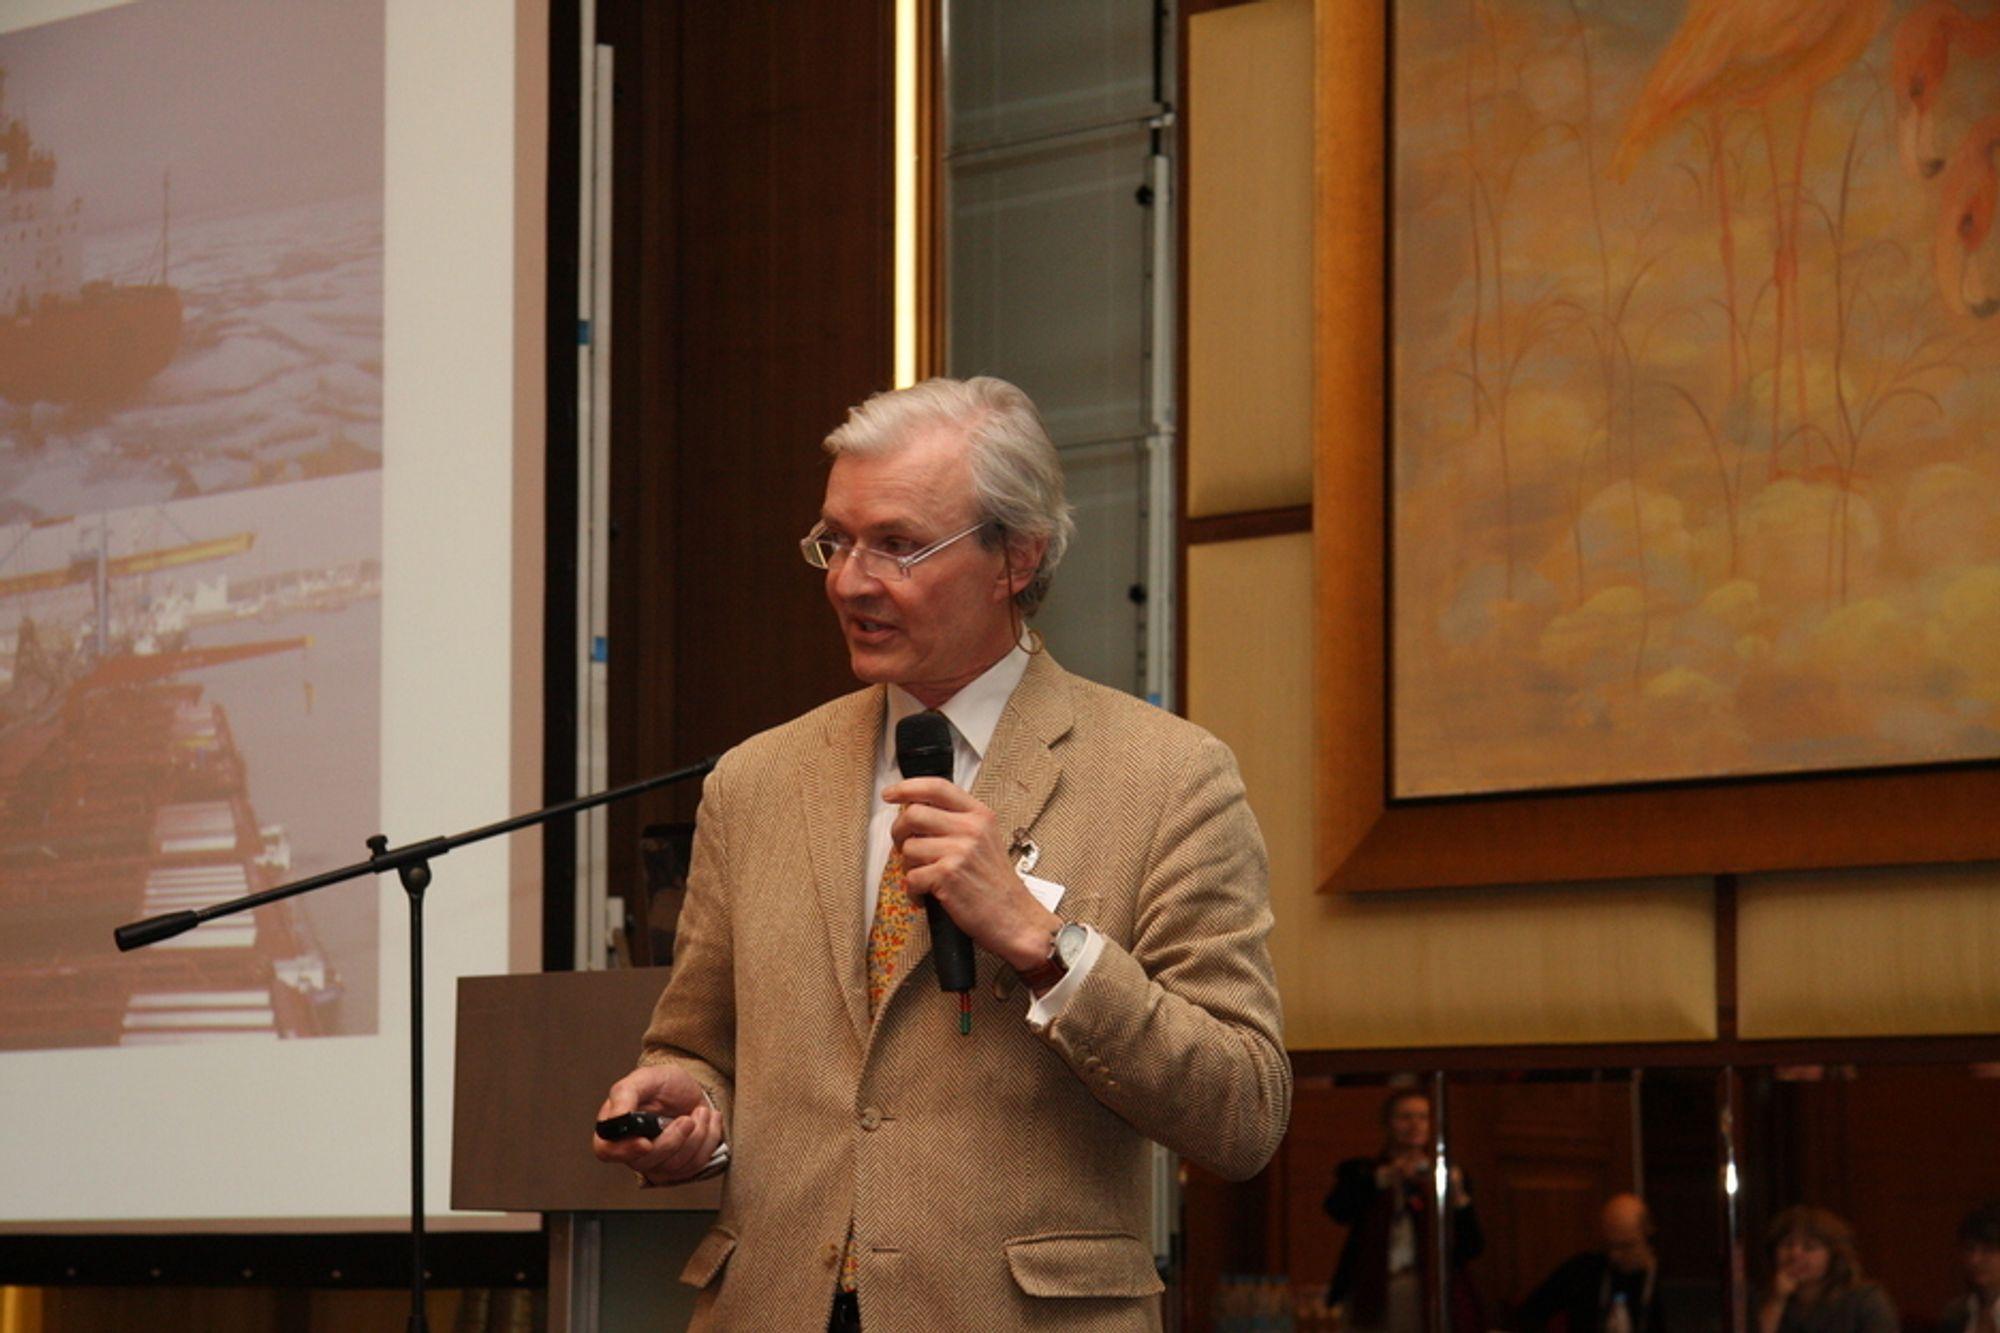 Henrik Falck oppfordrer til å ta i bruk Nordøstpassasjen til kommersiell bruk.